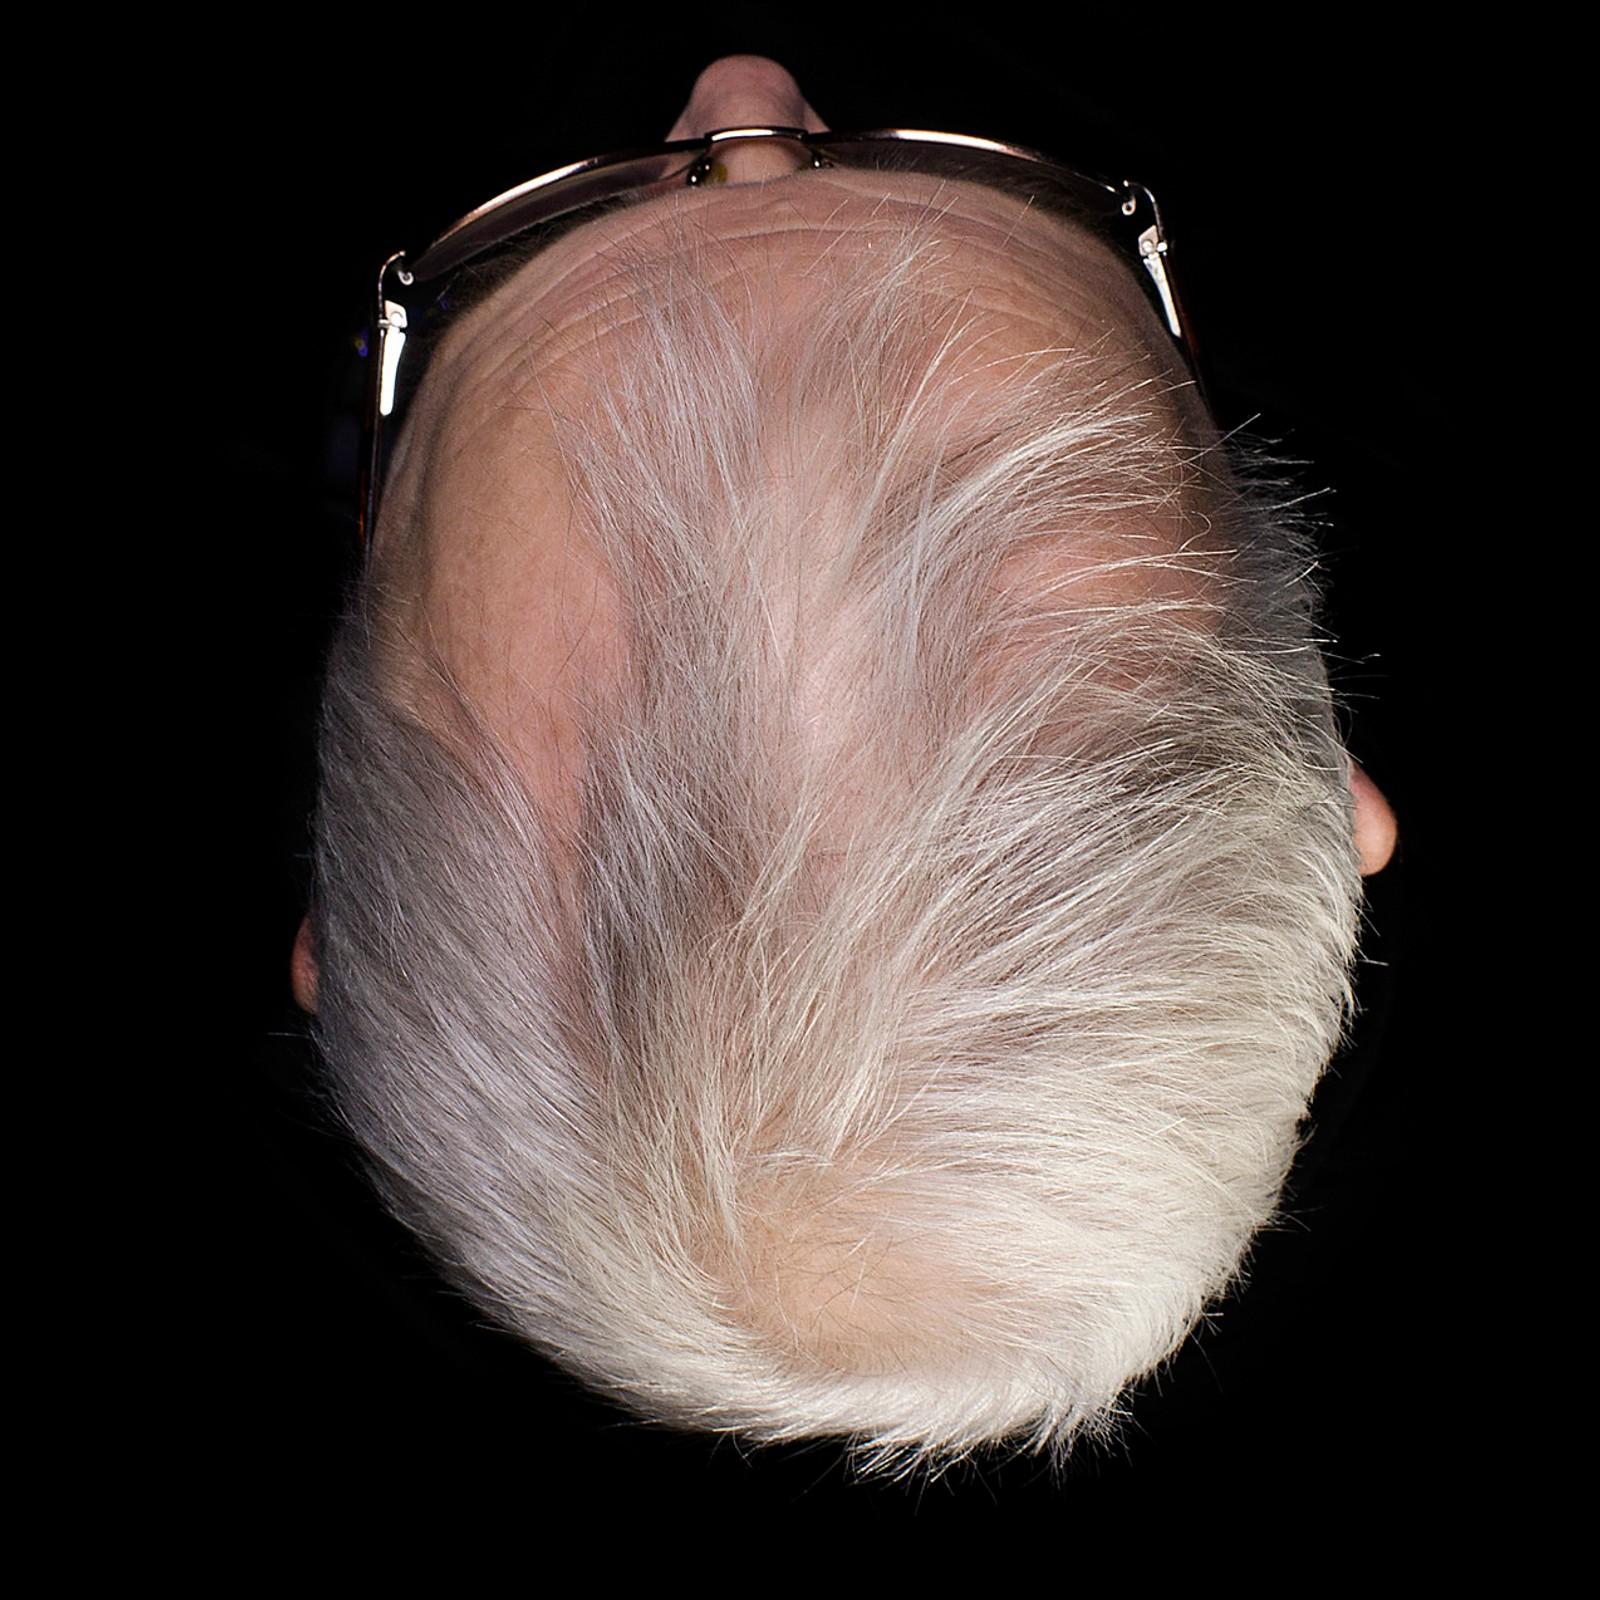 1. pris åpen klasse: Mennesker har til alle tider og over hele verden formet og klipt hodehår i forskjellige frisyrer. Håret er den delen av kroppen som er lettest å forme og som betyr mye for utseende hos mange. Frisyren har derfor blitt brukt til å uttrykke både personlighet og sosiale roller, og hatt stor betydning i kulturhistorien. Androgen alopeci er det hårtapet man normalt ser hos svært mange menn. Dette er karakterisert ved økende viker i tinningene og utvikling av måne i bakhodet. Juryens begrunnelse: Vi har lett etter personlige fotografiske stemmer, og denne skiller seg ut. Fotografen har gjort et modig og konseptuelt grep, og serien fremstår som godt løst.